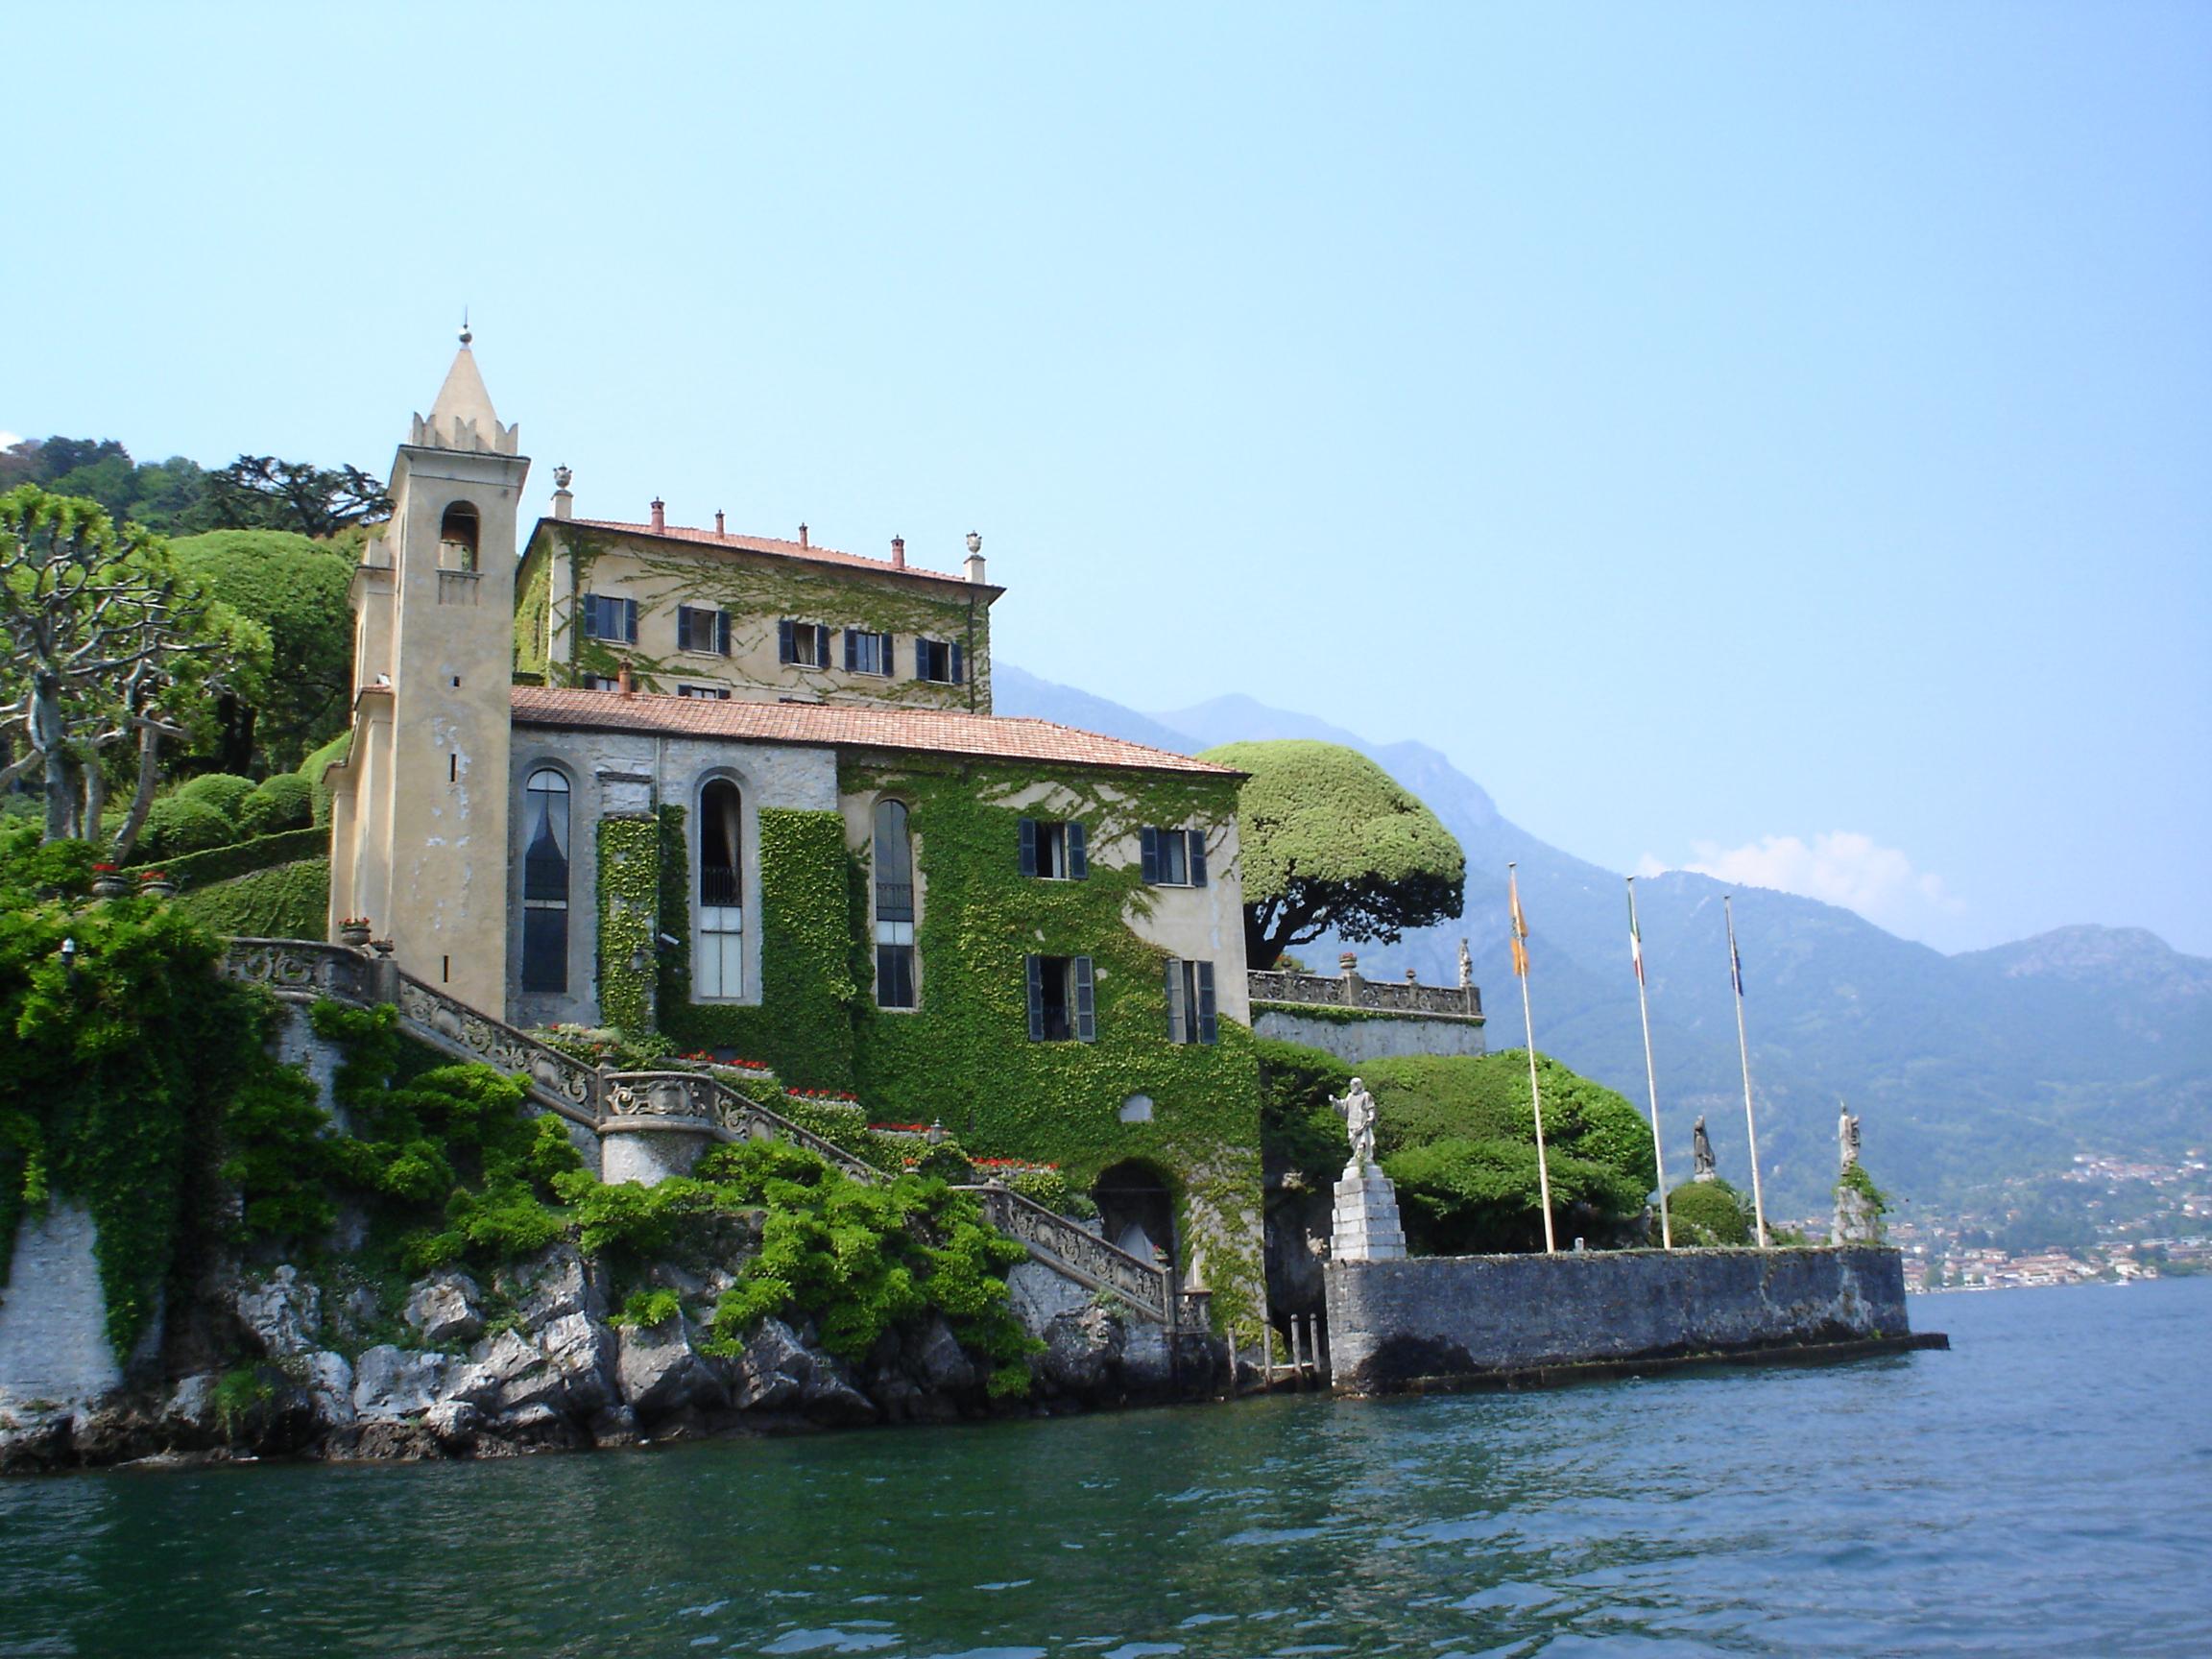 Αποτέλεσμα εικόνας για como lake italy villages